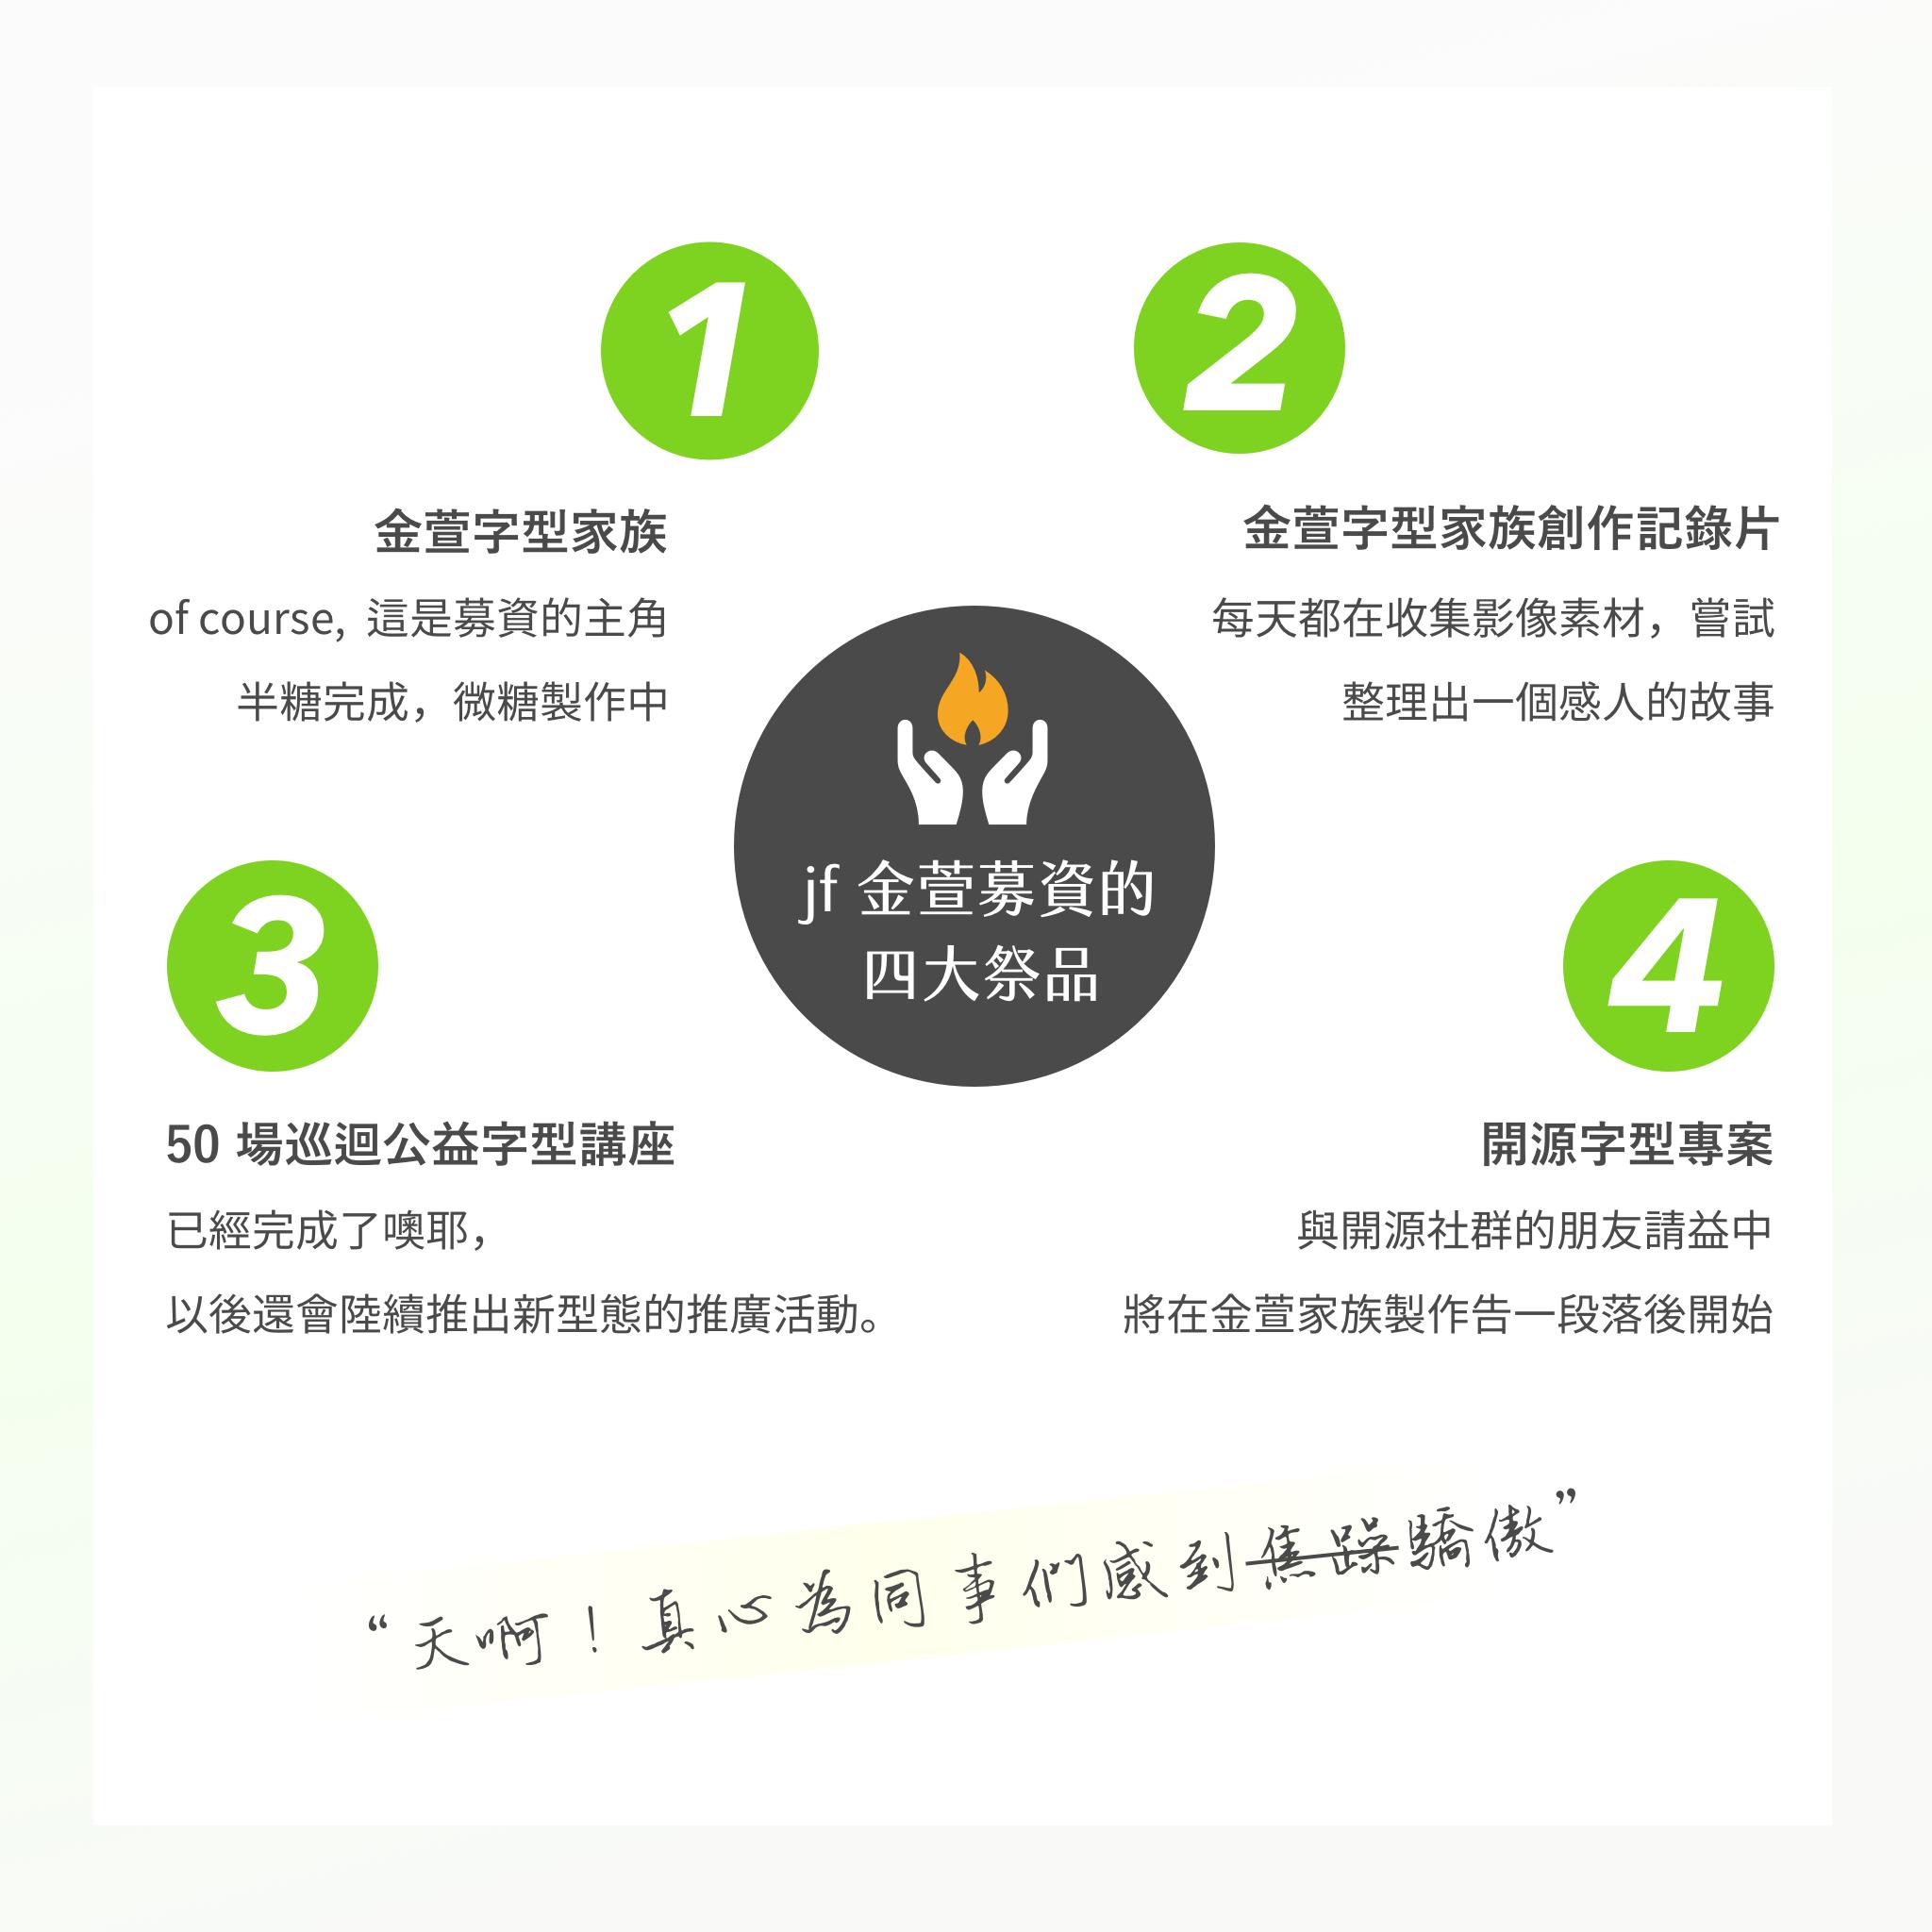 金萱字型群眾募資回饋承諾